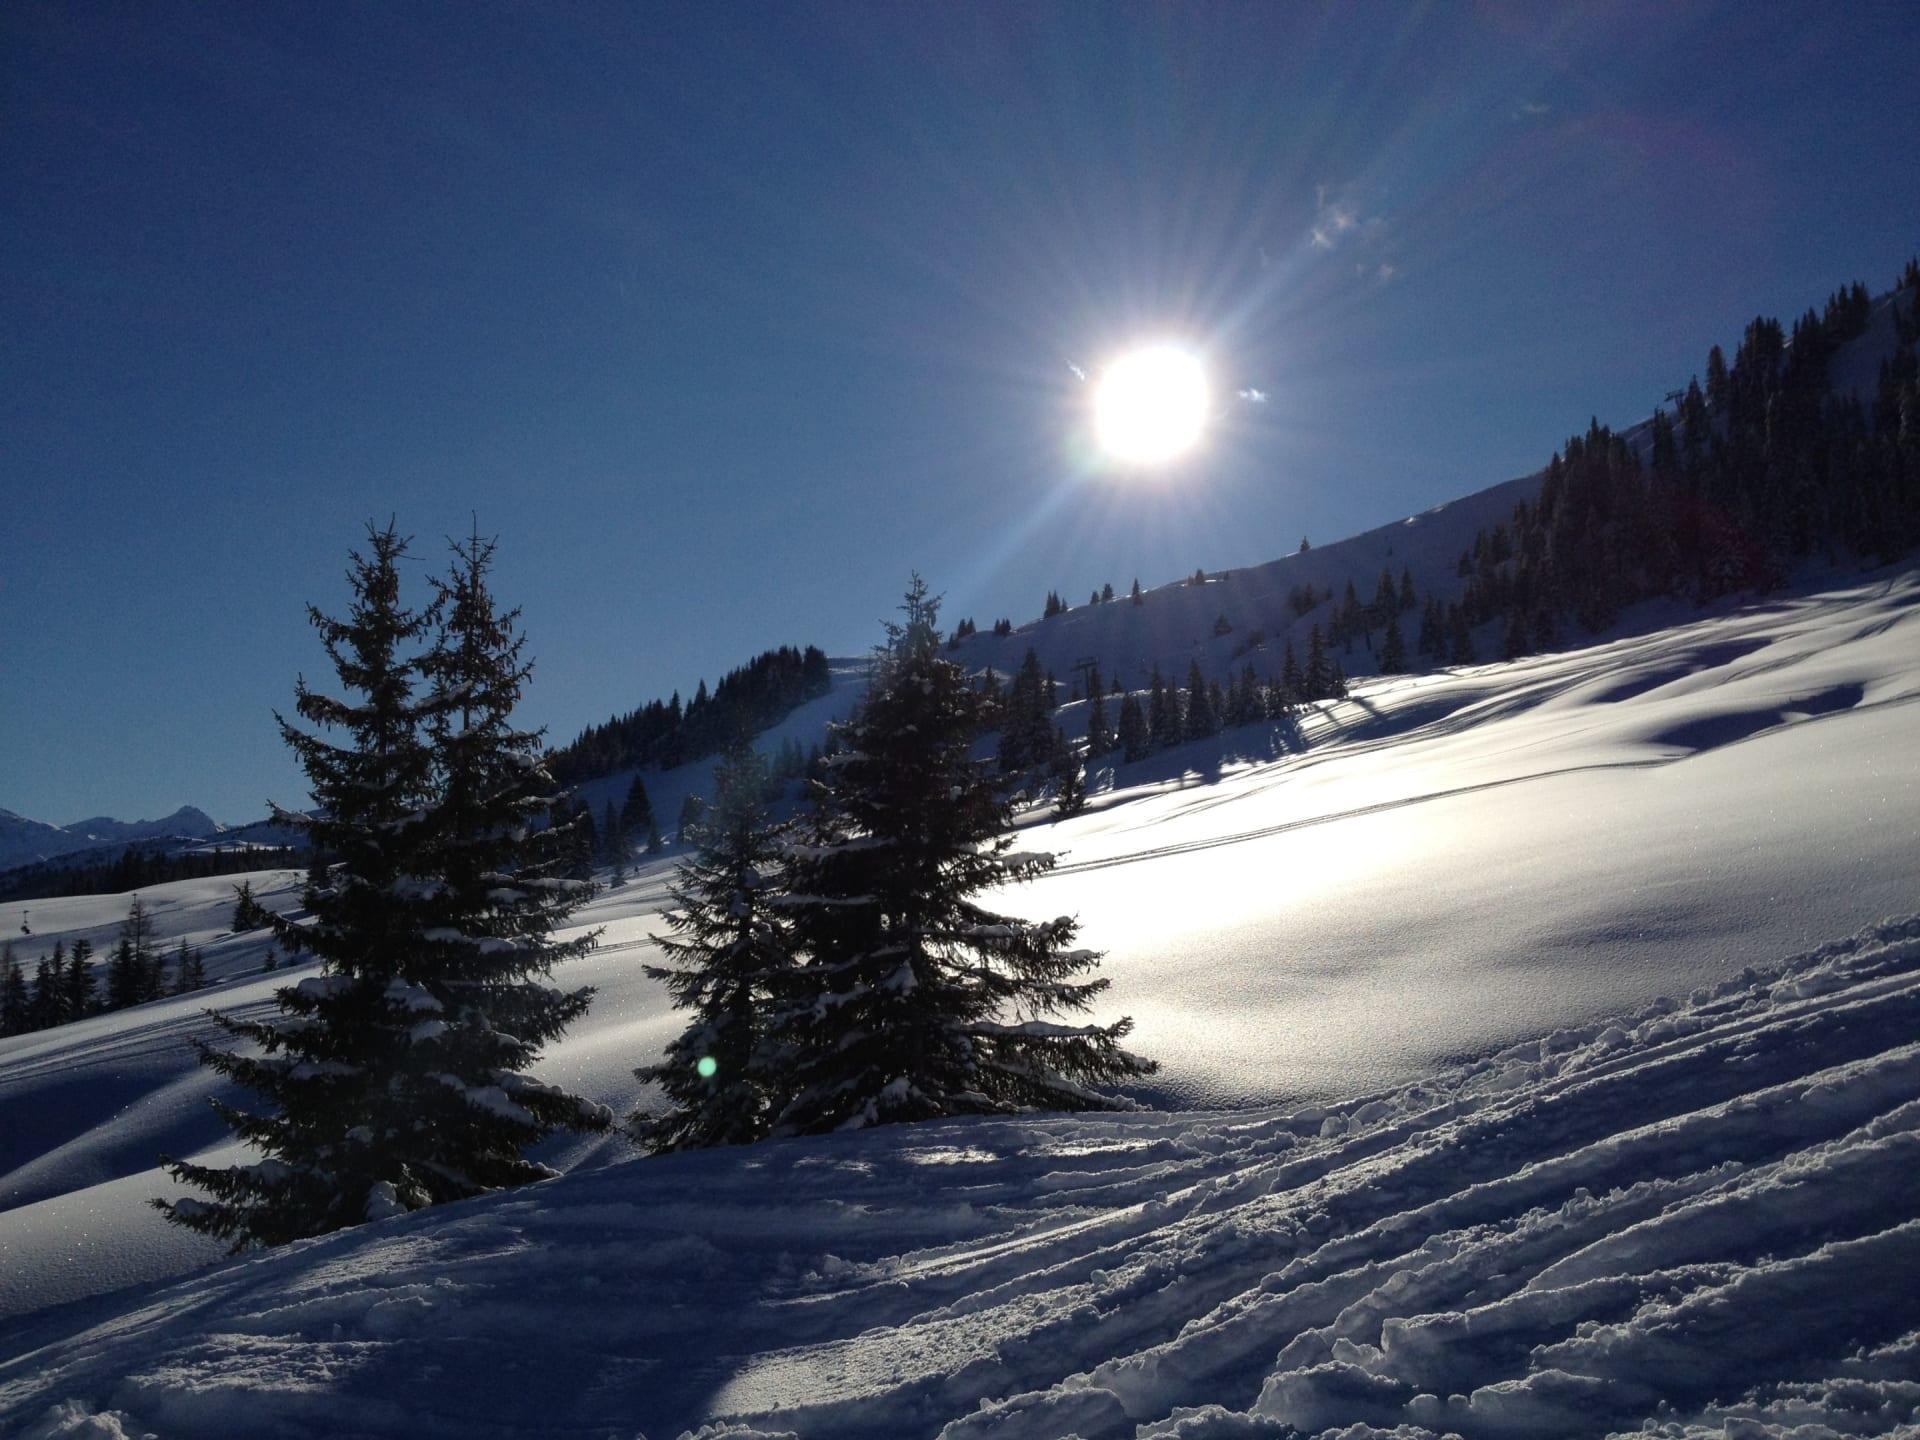 Skilaufen im Neuschnee